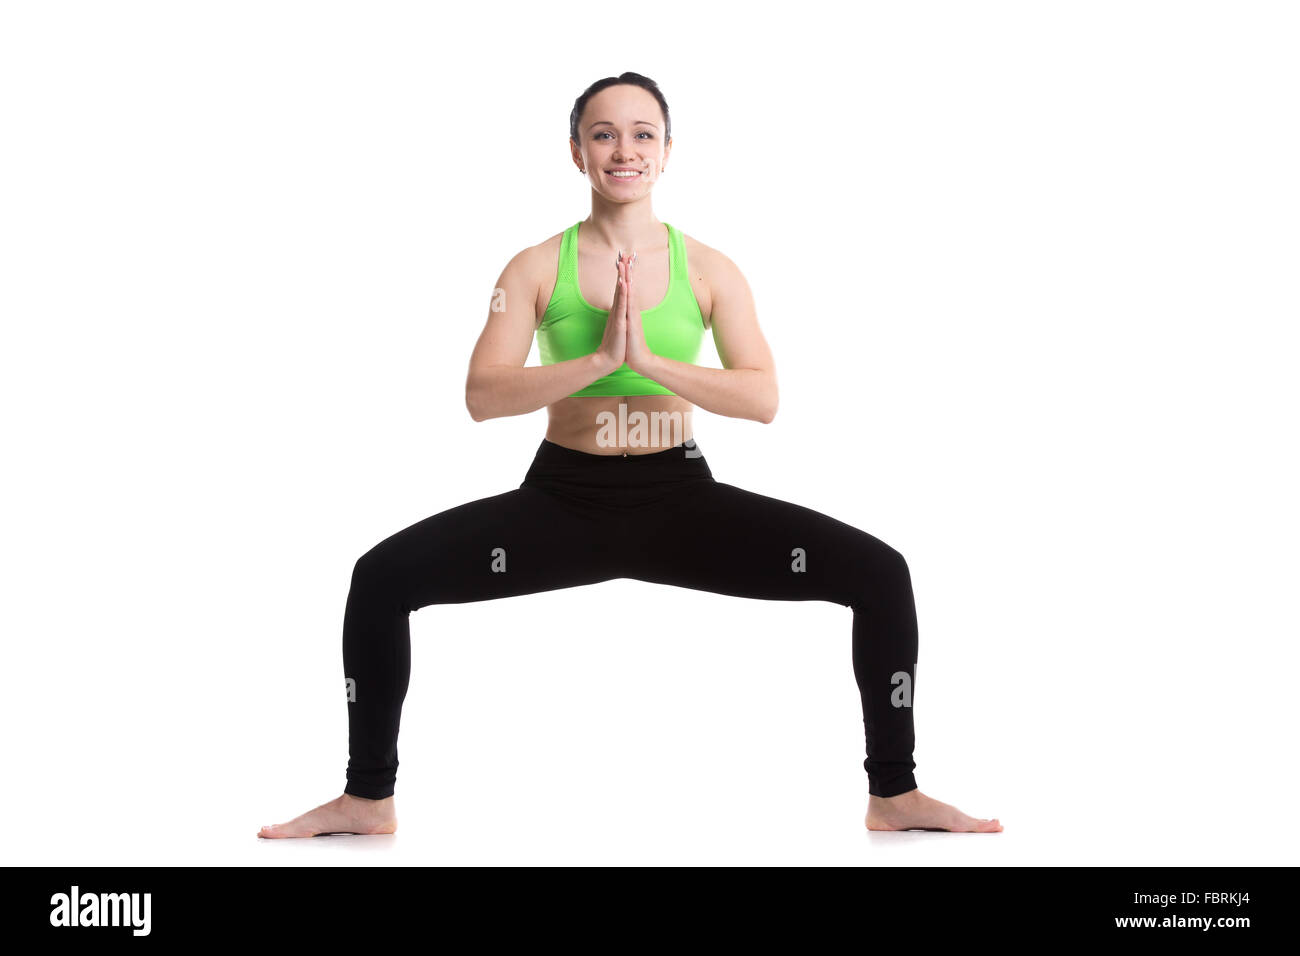 Slender fitness girl workout on white background, Goddess Pose (Utkata Konasana), temple or sumo pose, stupasana, - Stock Image